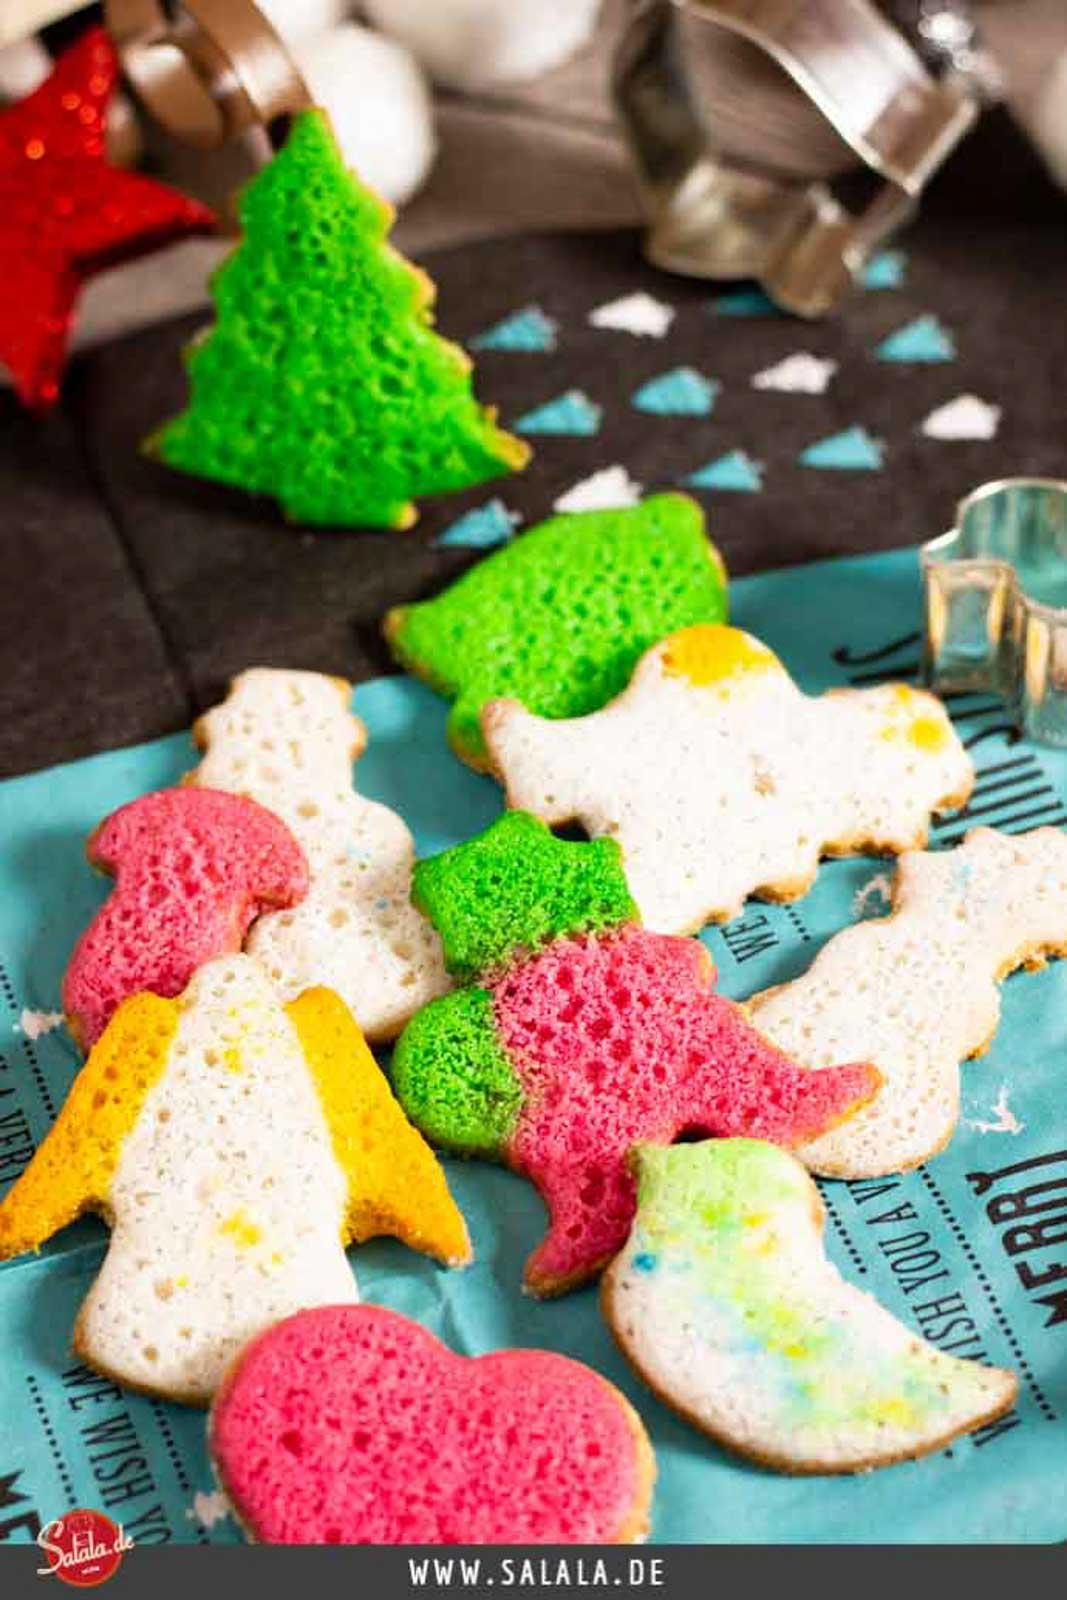 Butterplätzchen - by salala.de - ohne Mehl und ohne Zucker zu Weihnachten I Low Carb Plätzchen Rezept ohne Gluten #butterplätzchen #lowcarb #plätzchen #lowcarbbacken #backen #weihnachten #lchf #ohnezucker #glutenfrei #ohnemehl #lowcarbplätzchen #lowcarbweihnachten